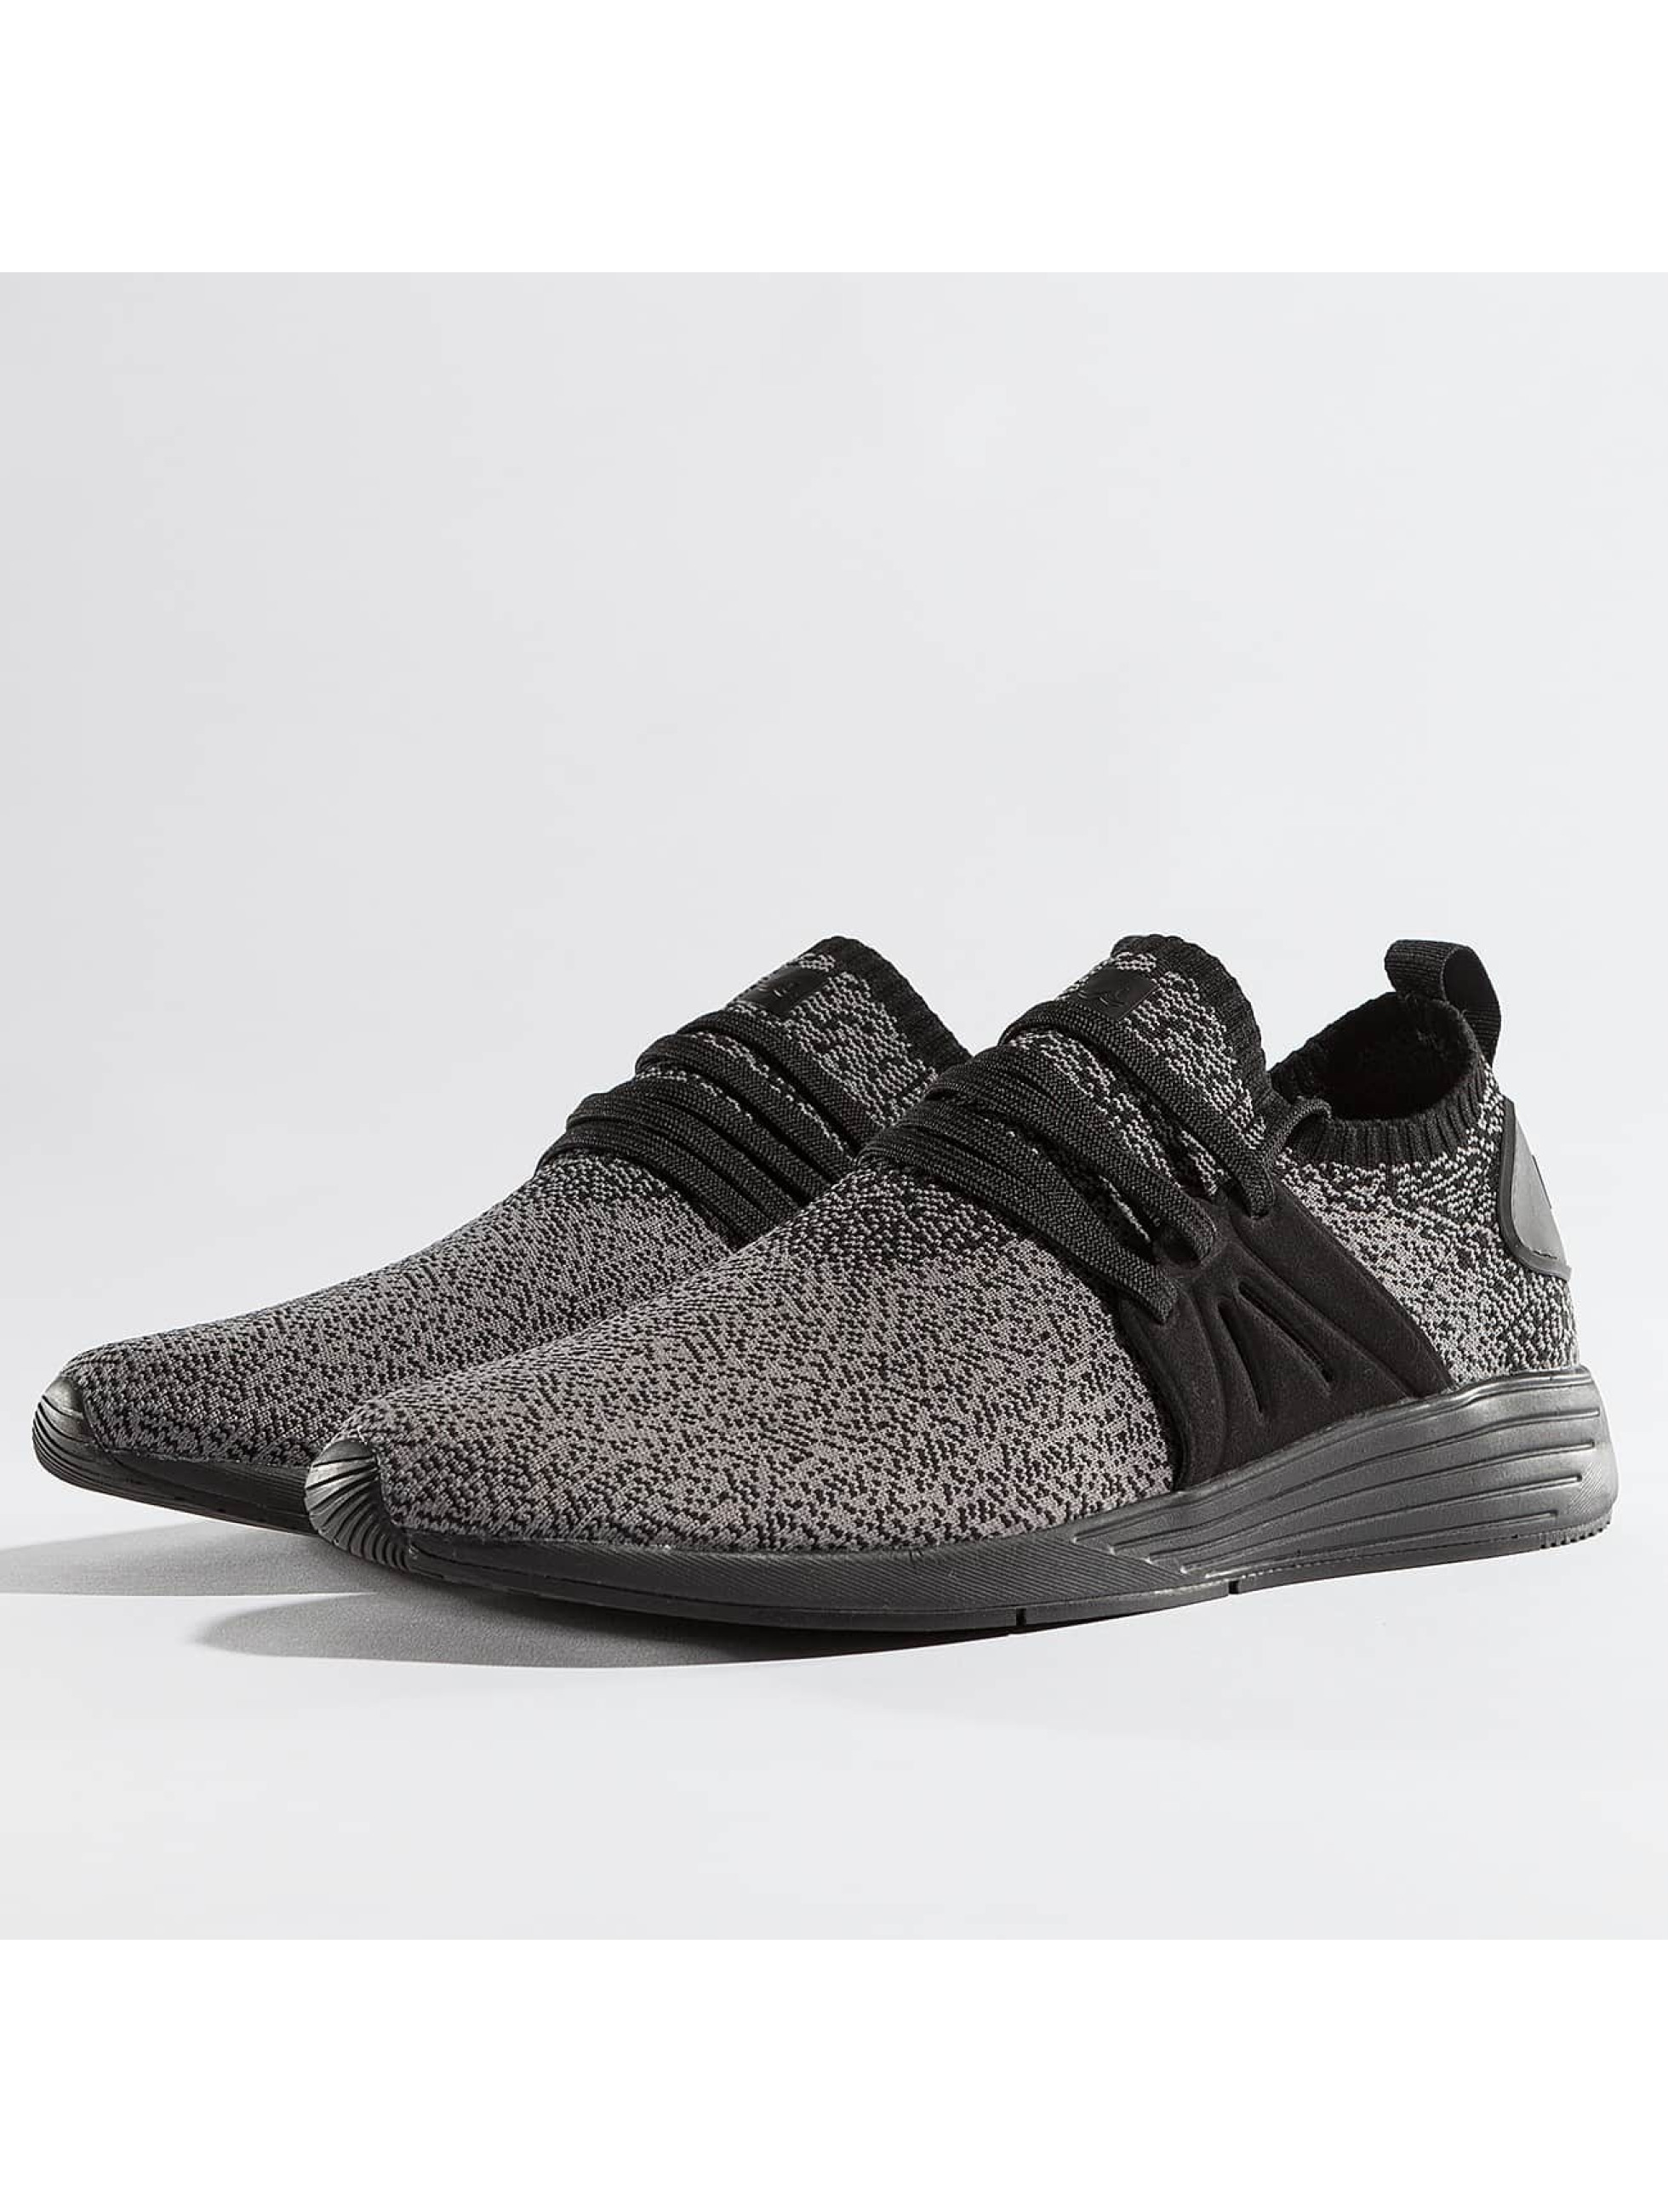 Project Delray Männer,Frauen Sneaker Wavey in schwarz